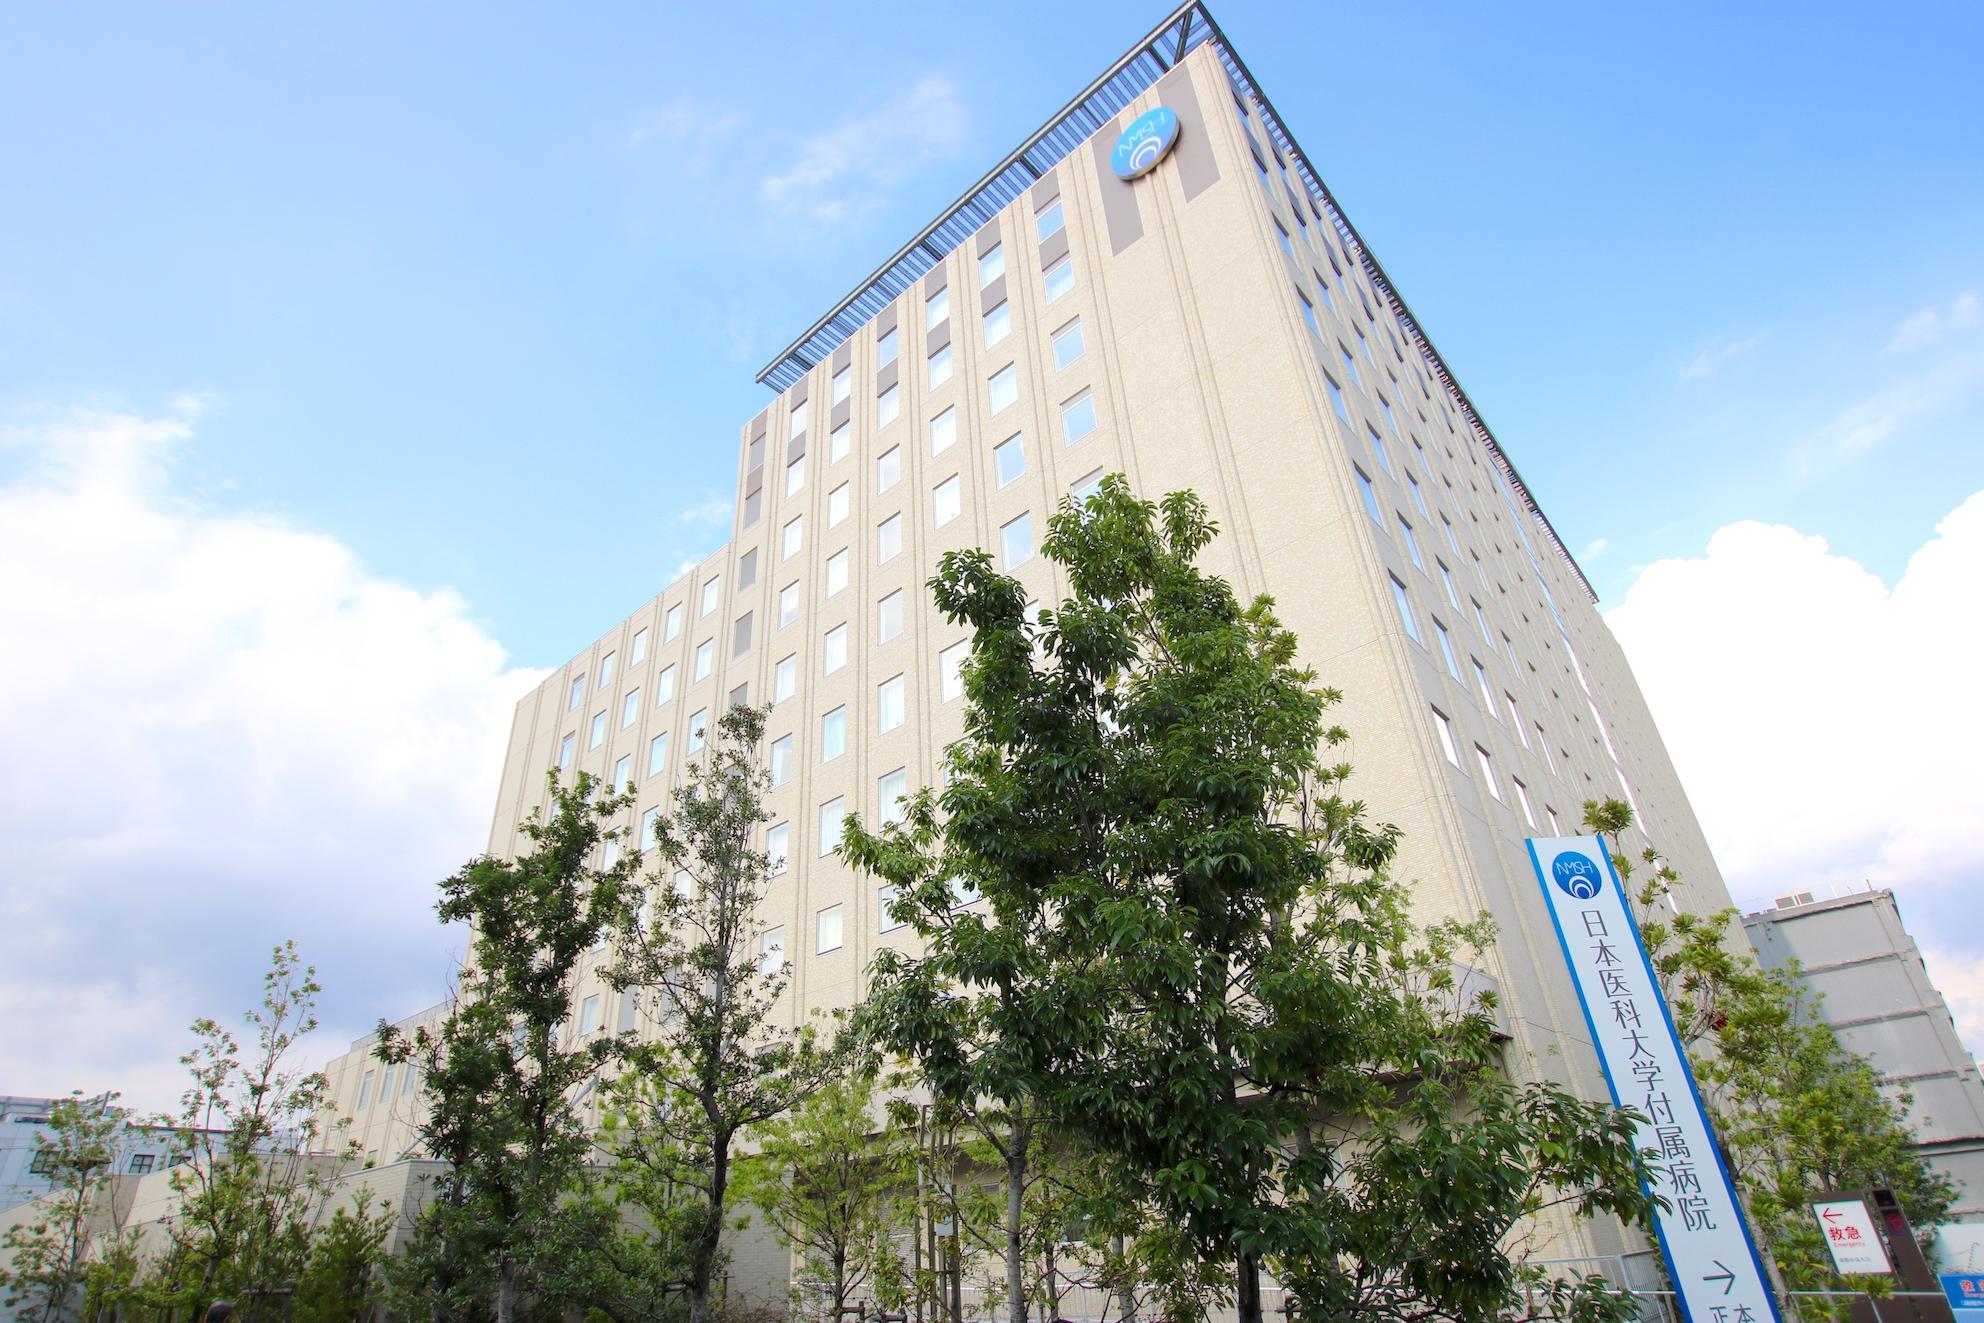 日本医科大学付属病院で患者さんを検査室や手術室へお連れする仕事